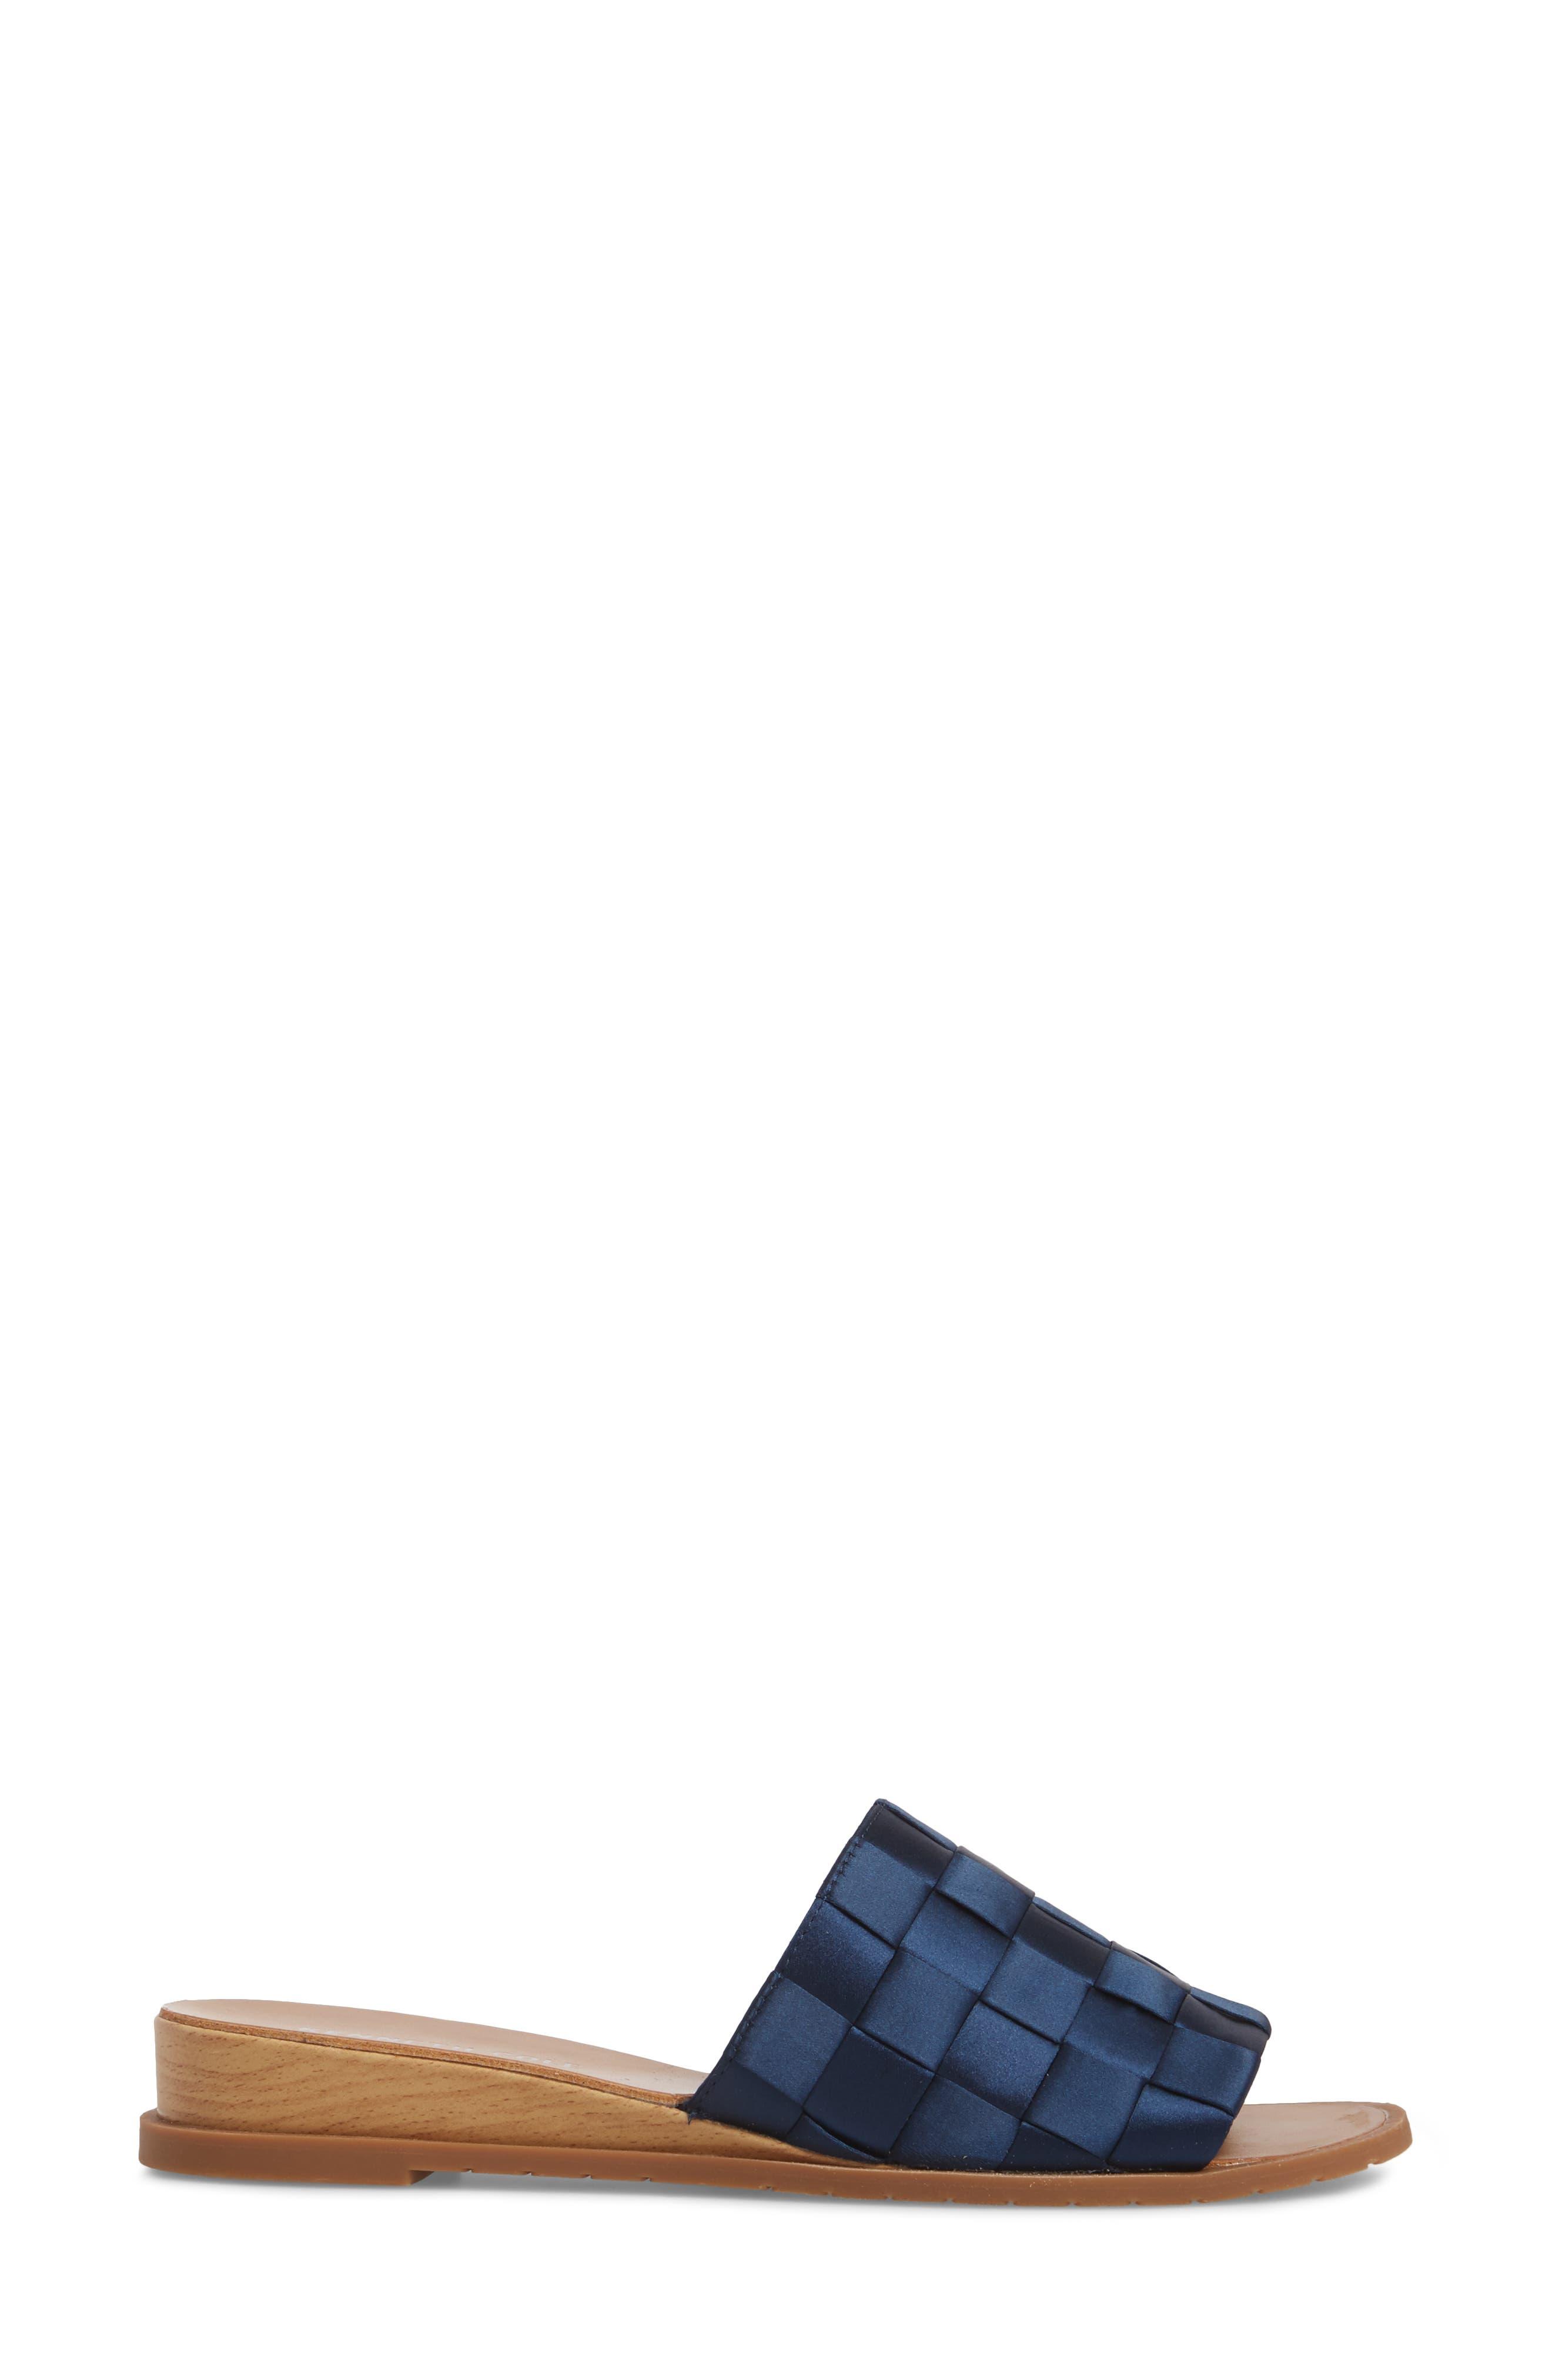 Joanne Flower Embroidered Slide Sandal,                             Alternate thumbnail 19, color,